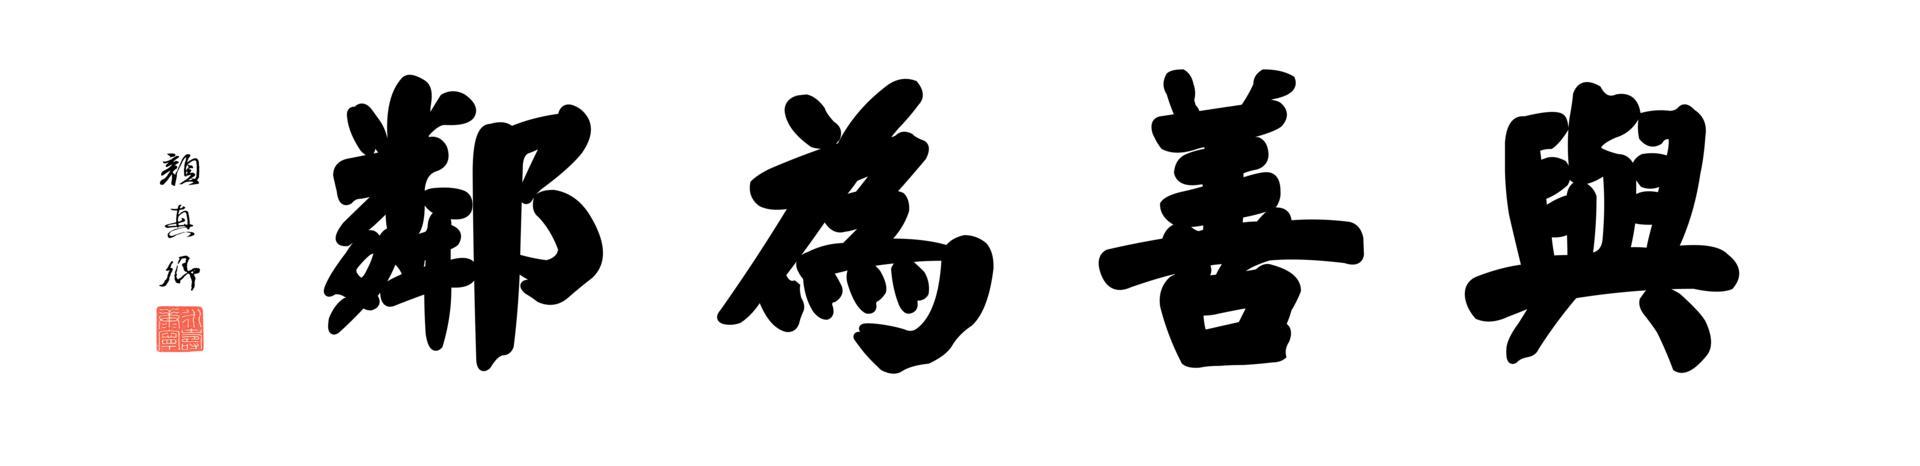 0206_颜真卿大楷数字书法-四字横幅与善为邻136x33cm_21417x5197PX_TIF_400DPI_326_0